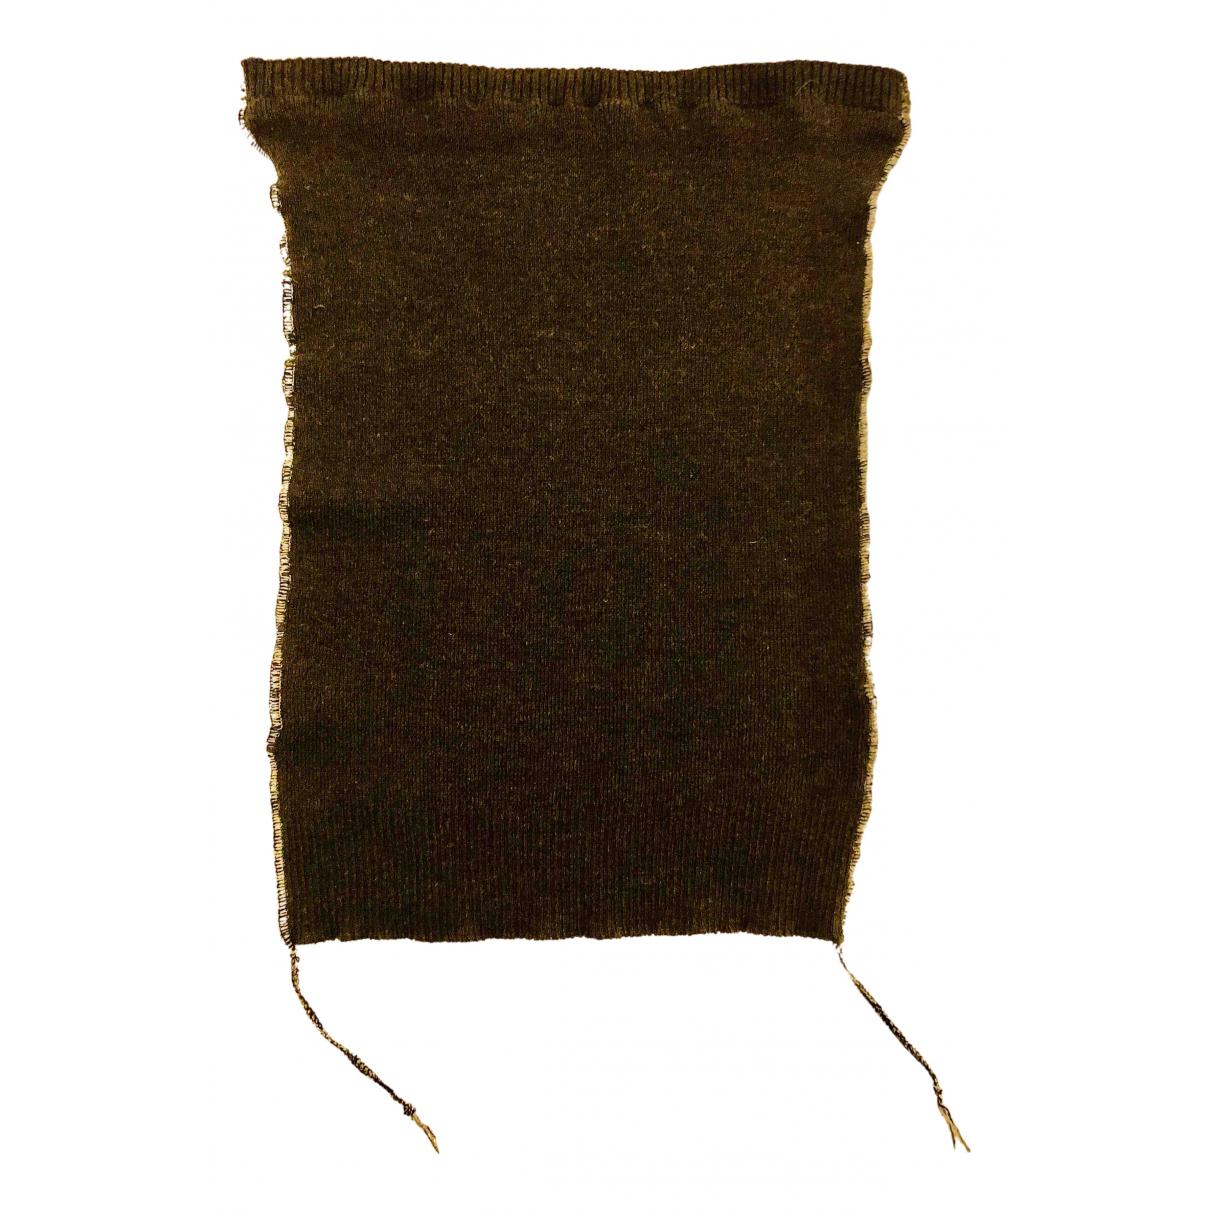 Maison Martin Margiela - Top   pour femme en laine - anthracite